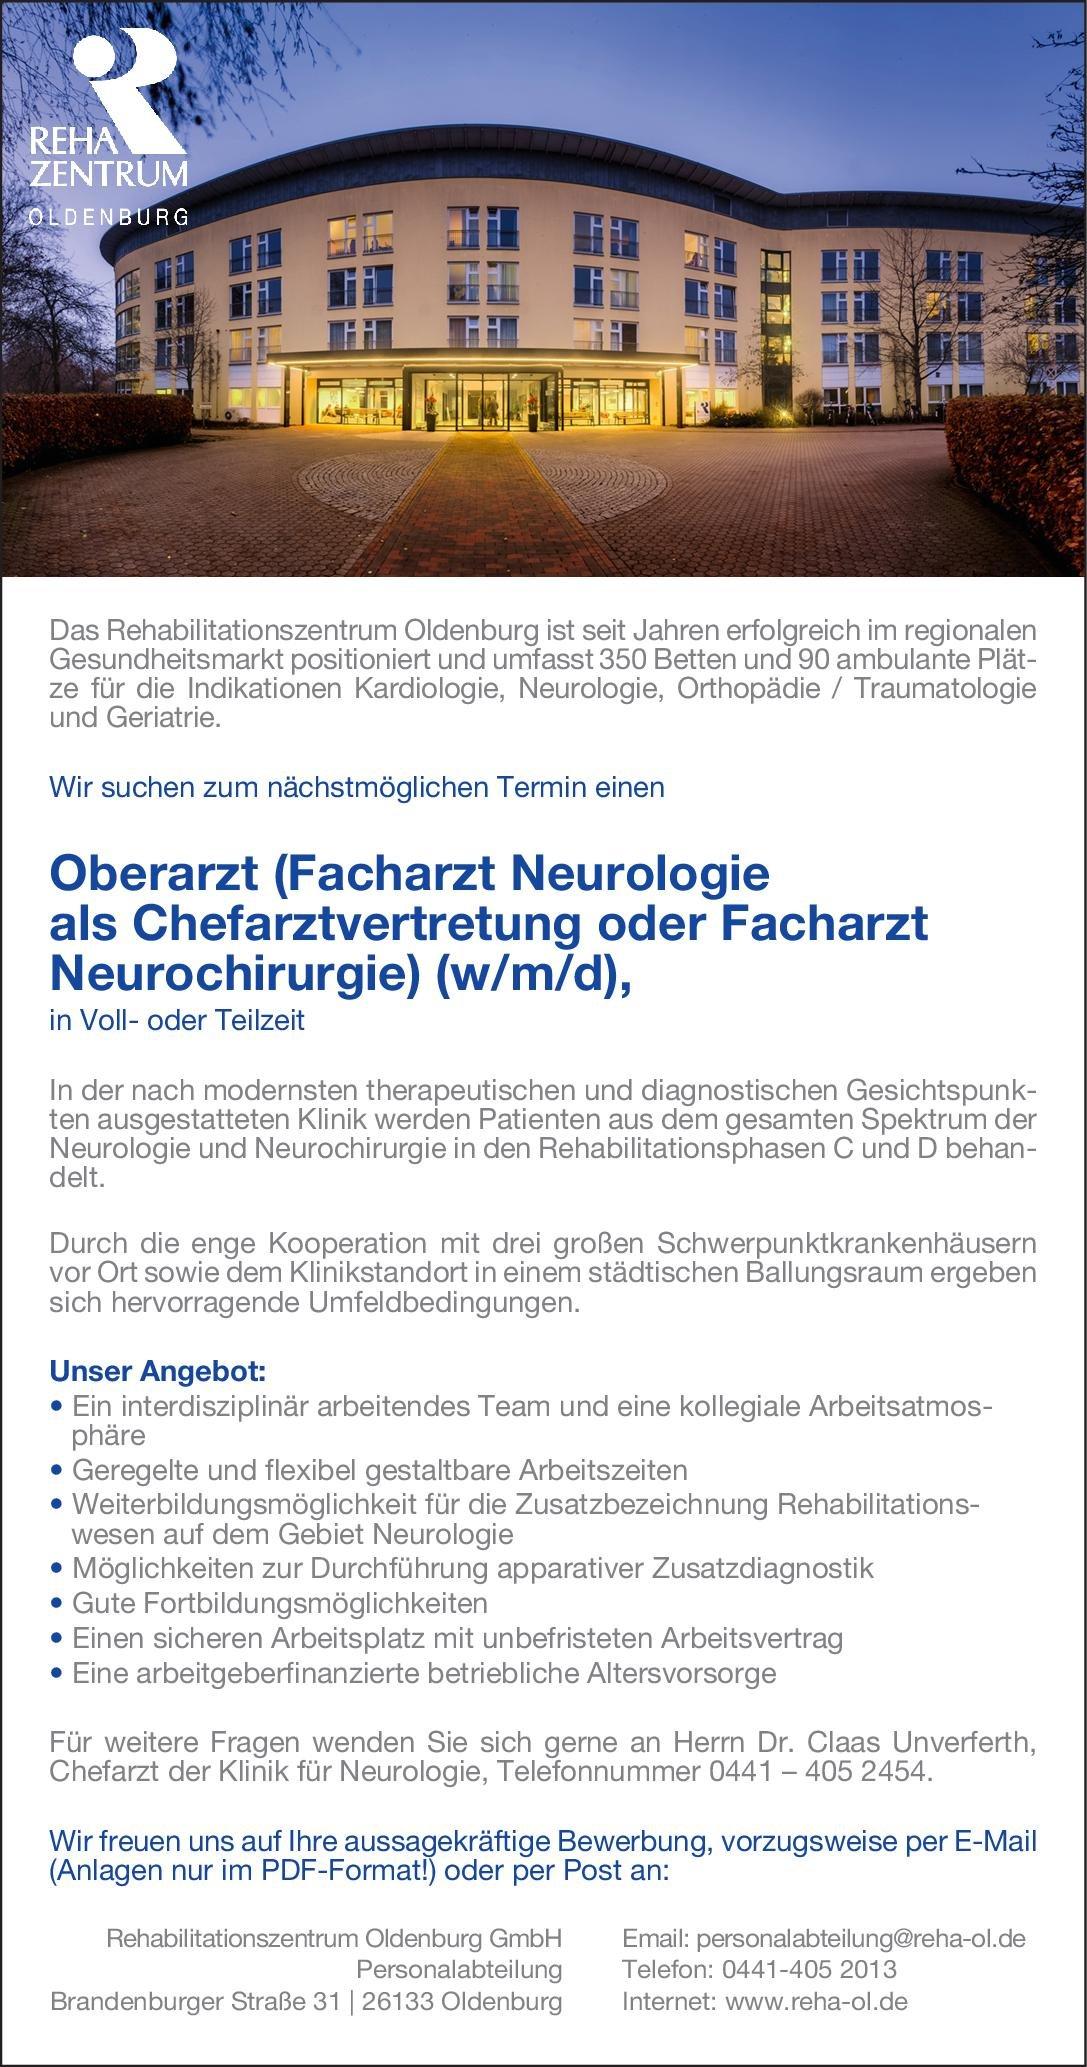 Rehabilitationszentrum Oldenburg GmbH Oberarzt (Facharzt Neurologie als Chefarztvertretung oder Facharzt Neurochirurgie) (w/m/d) Neurochirurgie, Neurologie Arzt / Facharzt, Oberarzt